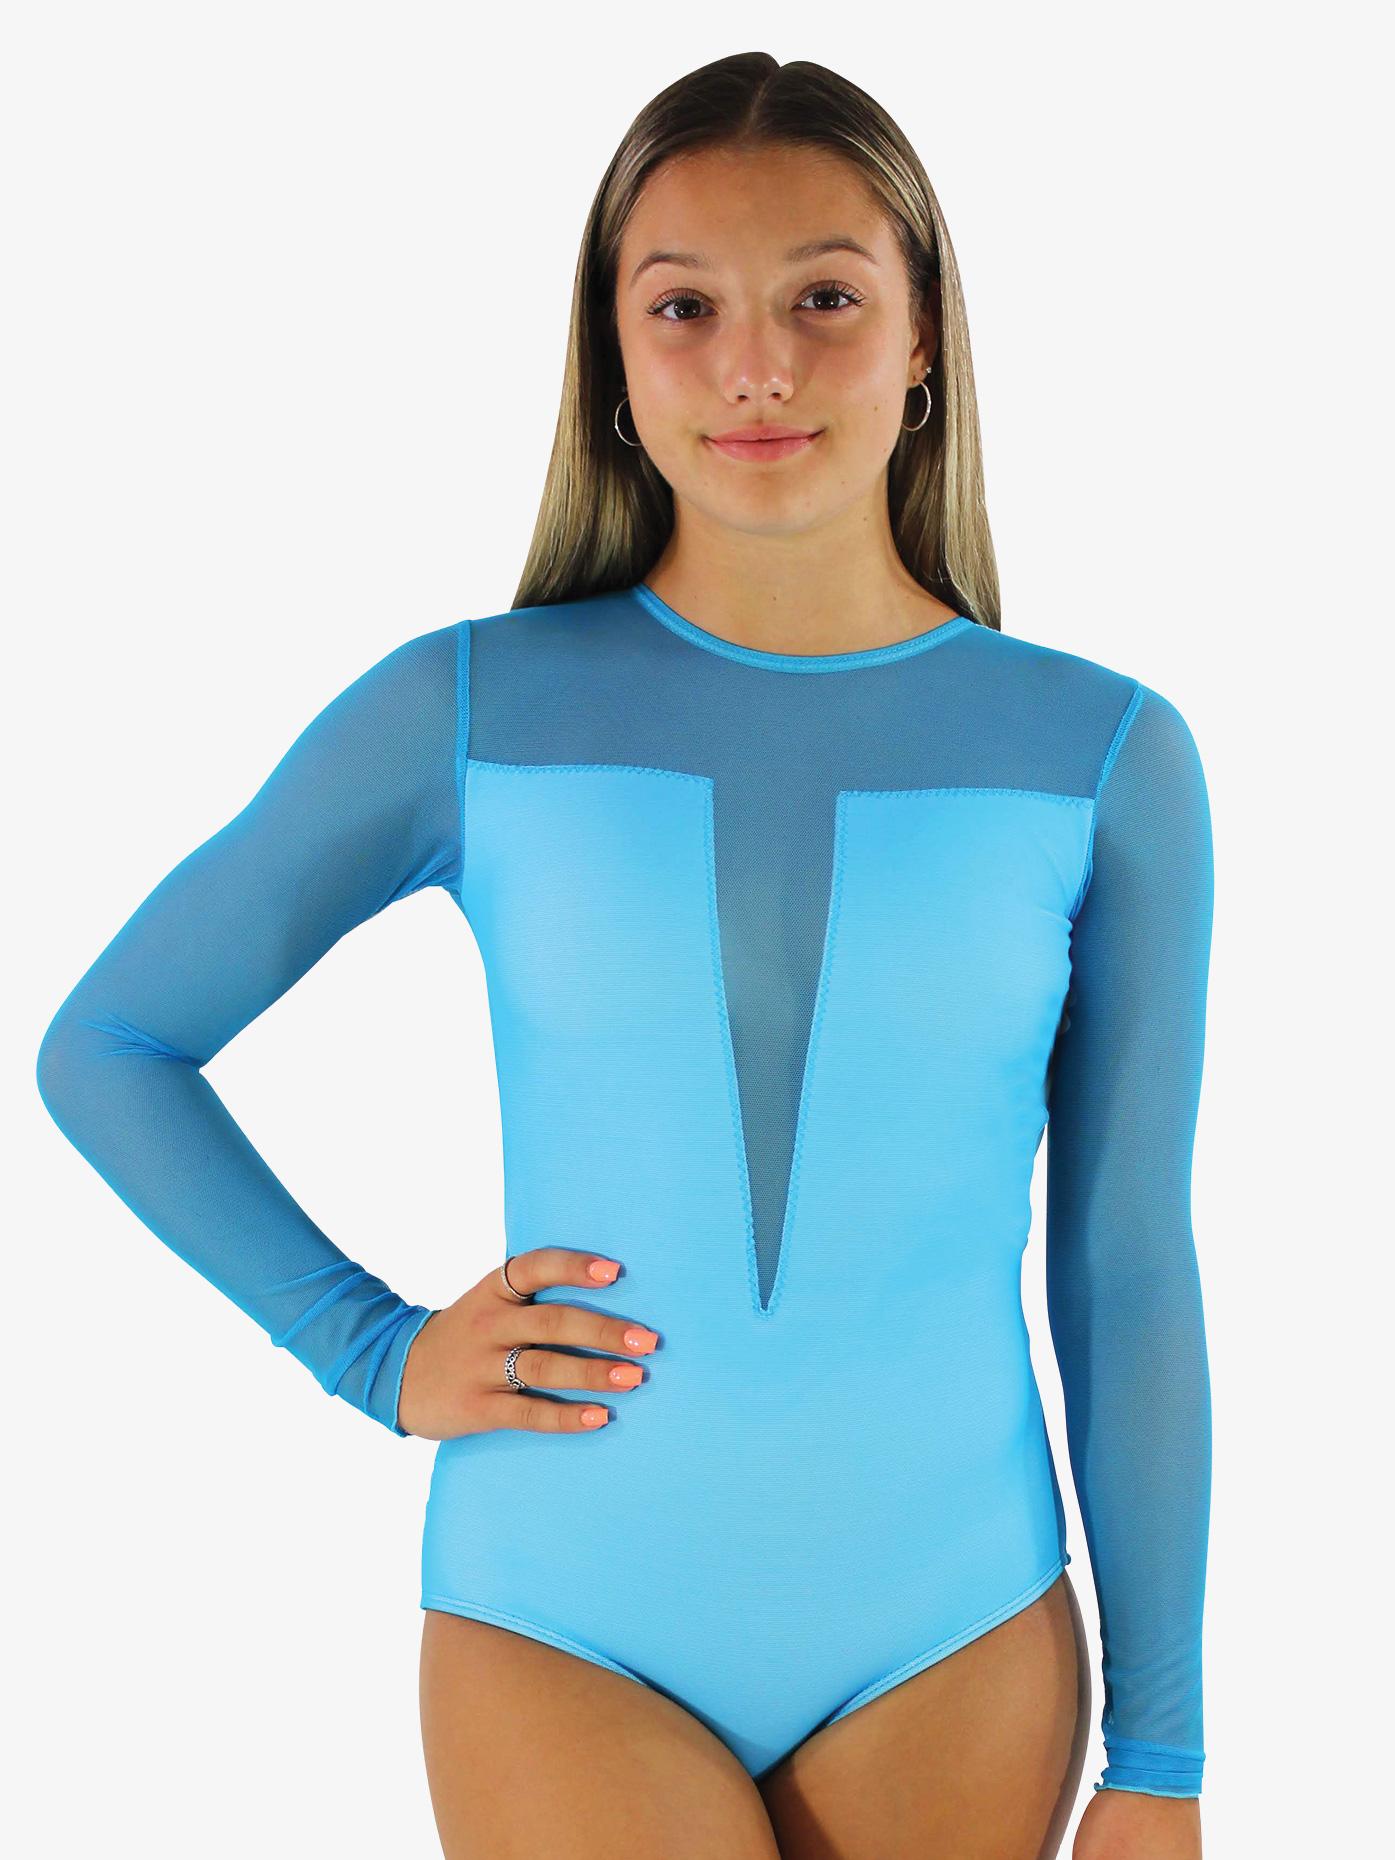 6c822acf93c4 Girls Womens Sheer Mesh Long Sleeve Leotard - Long Sleeves